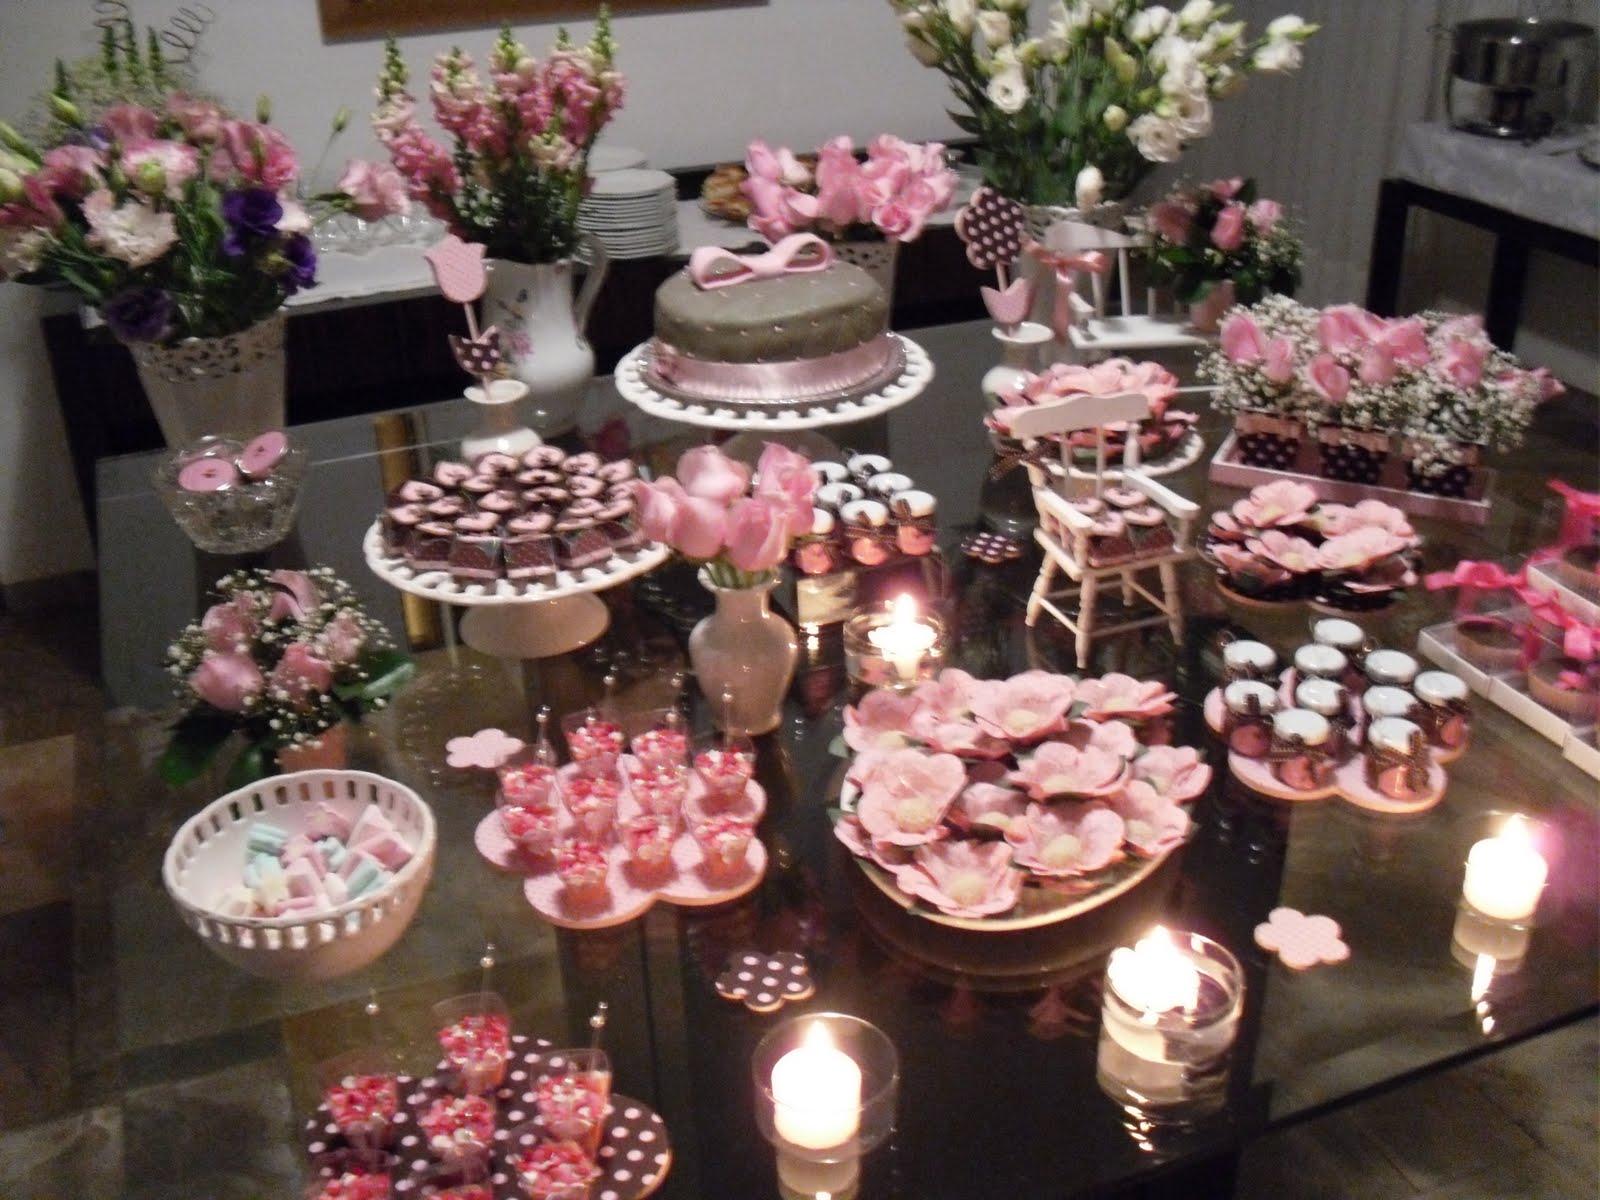 decoracao casamento rosa e marrom:Flor da Laranjeira: Aniversário 27 anos – Marrom e Rosa